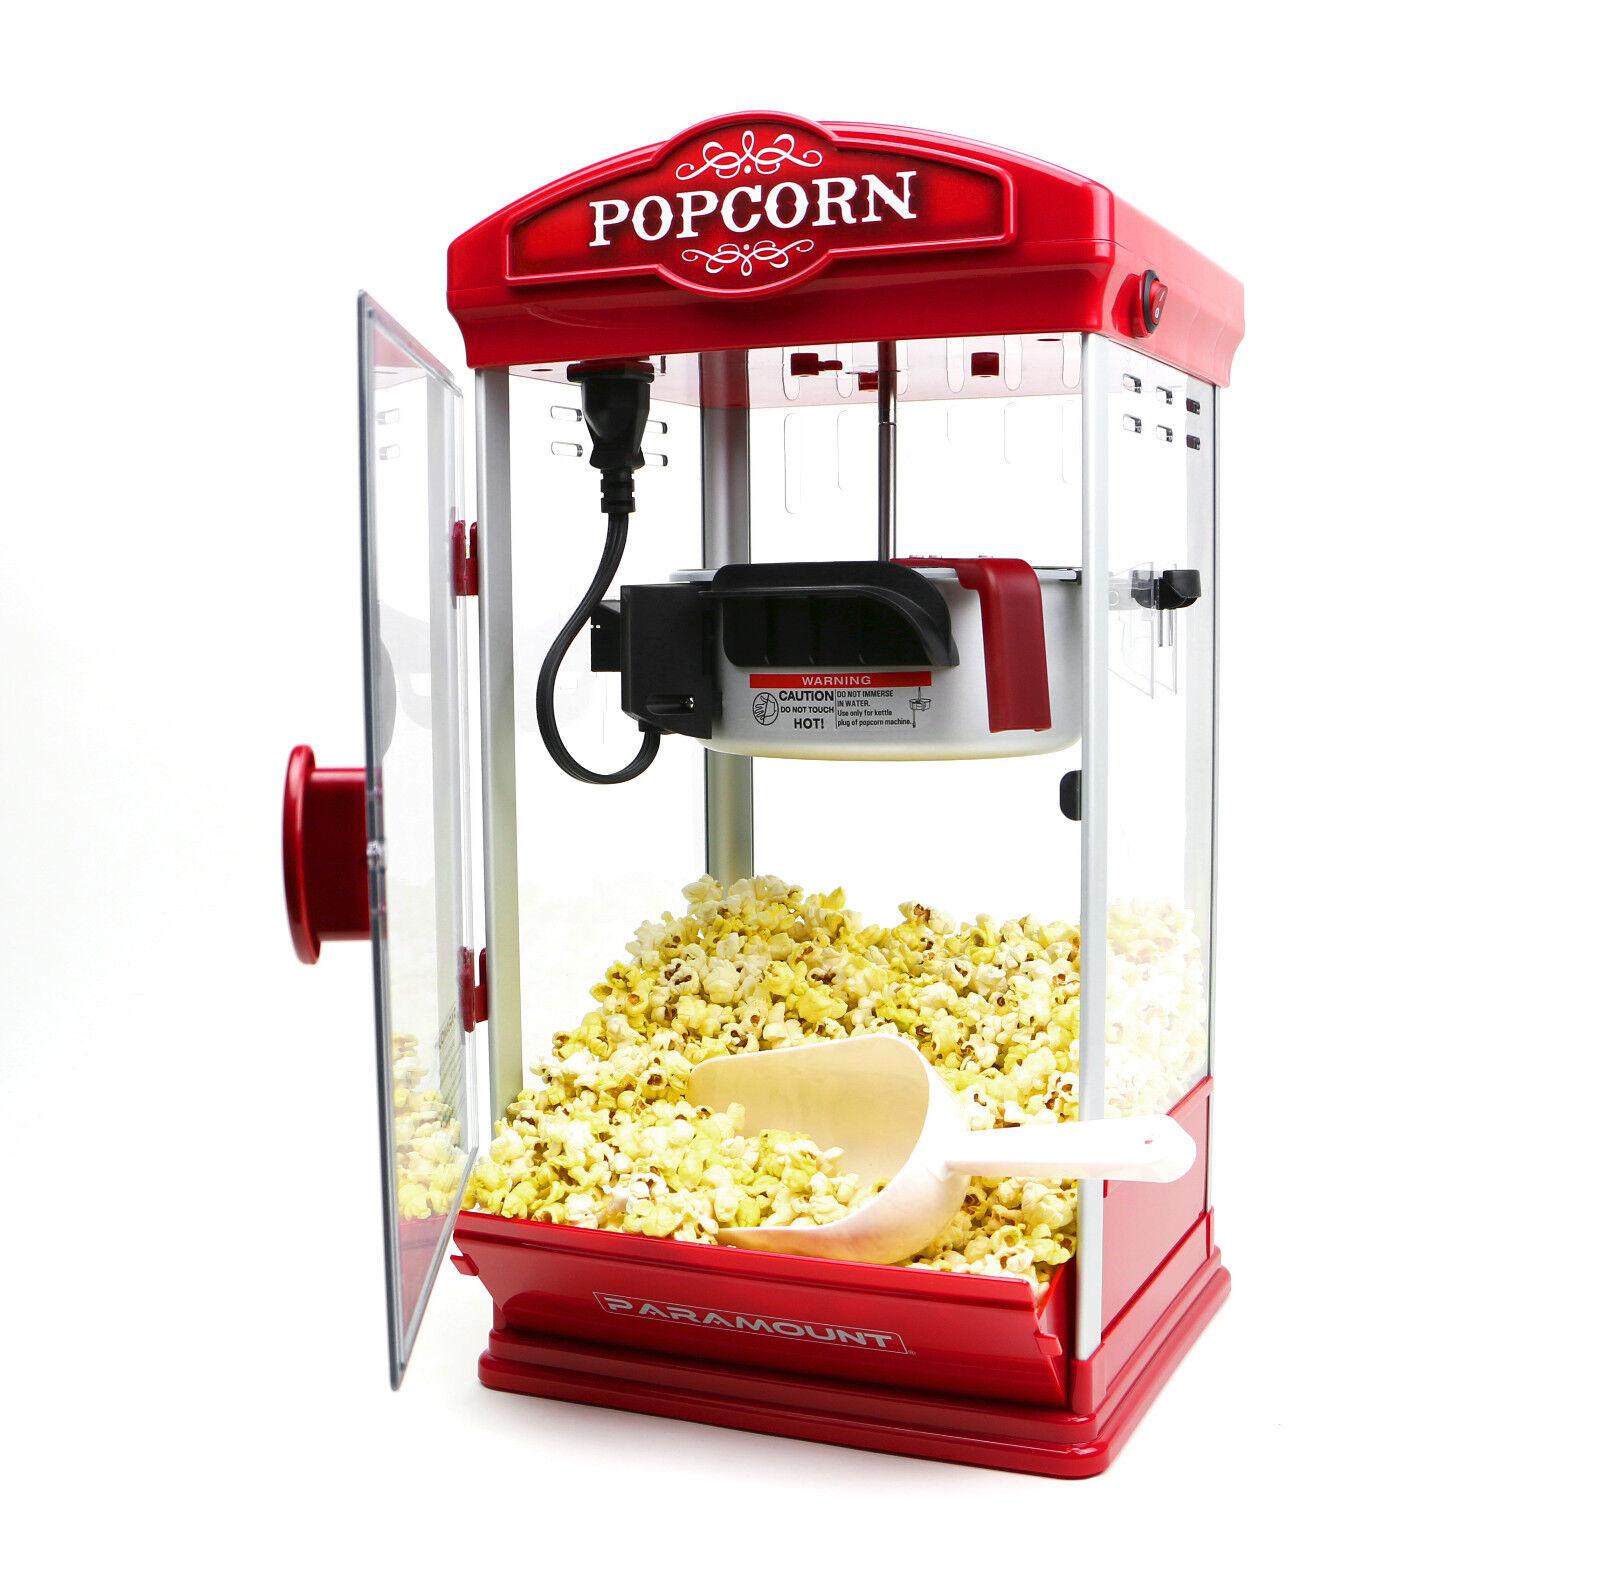 Midget in a popcorn machine movie